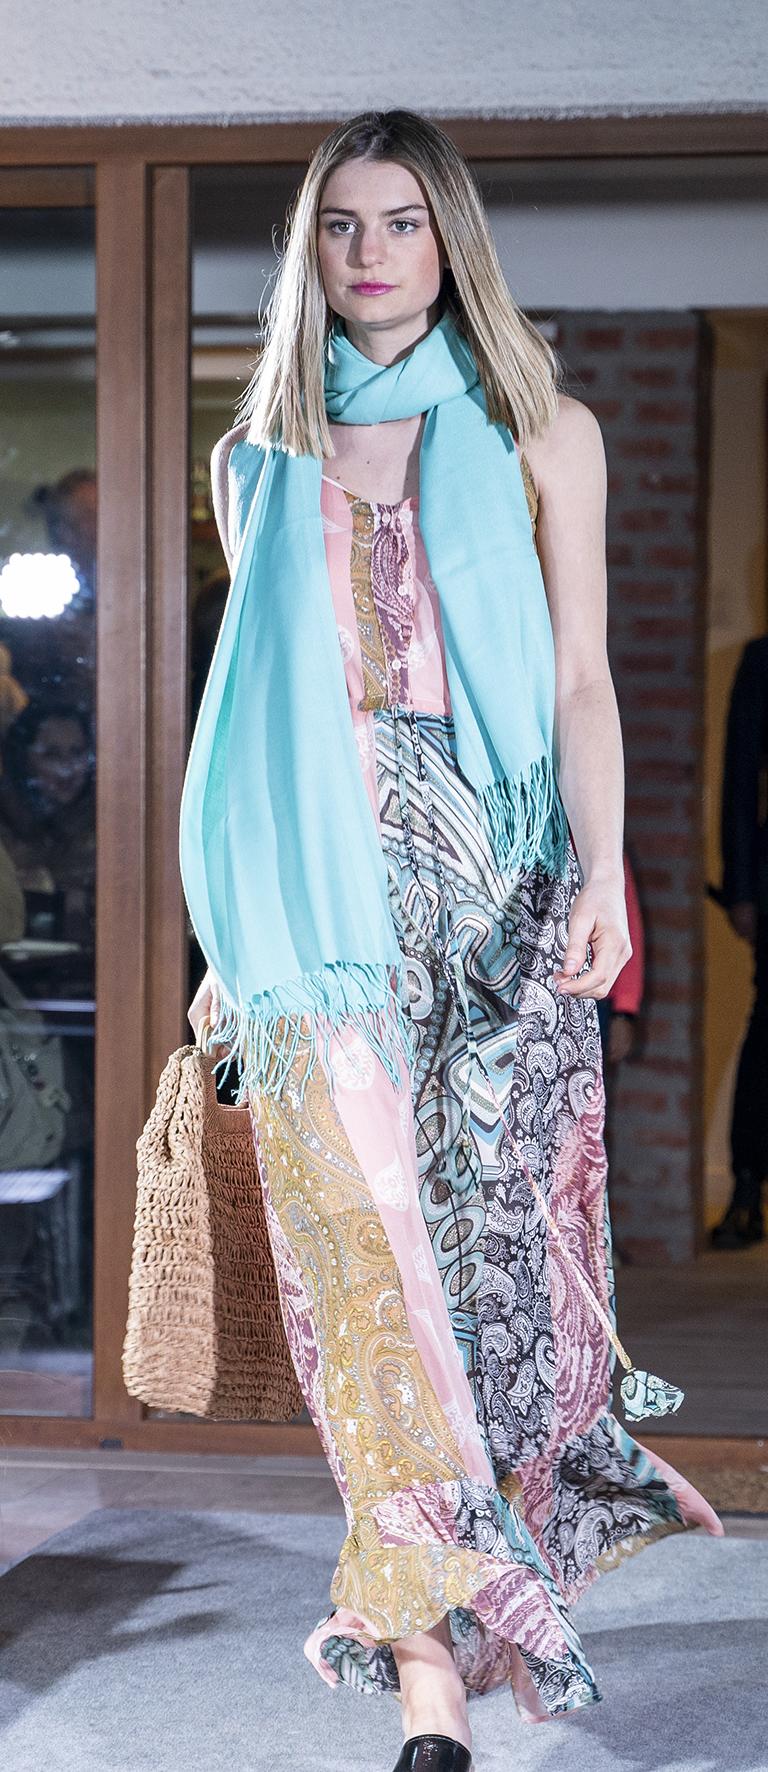 Lanzamiento colección Primavera-Verano 19/20 tienda El Bazar de Colchagua